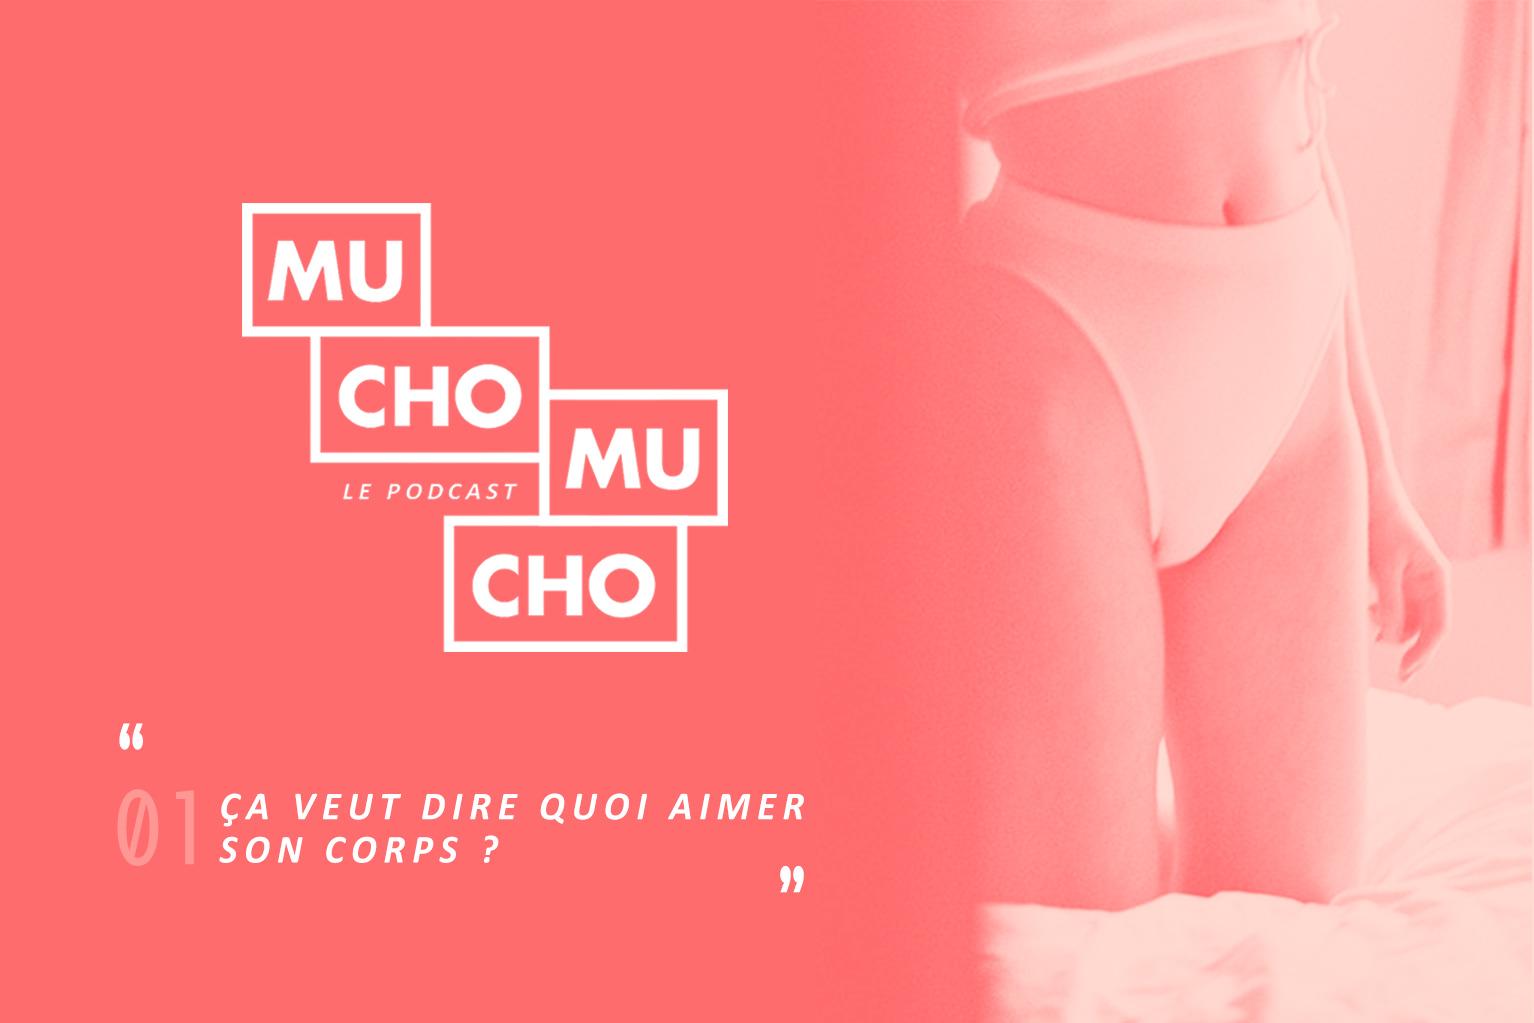 Mucho Mucho #01︱Ça veut dire quoi aimer son corps ?